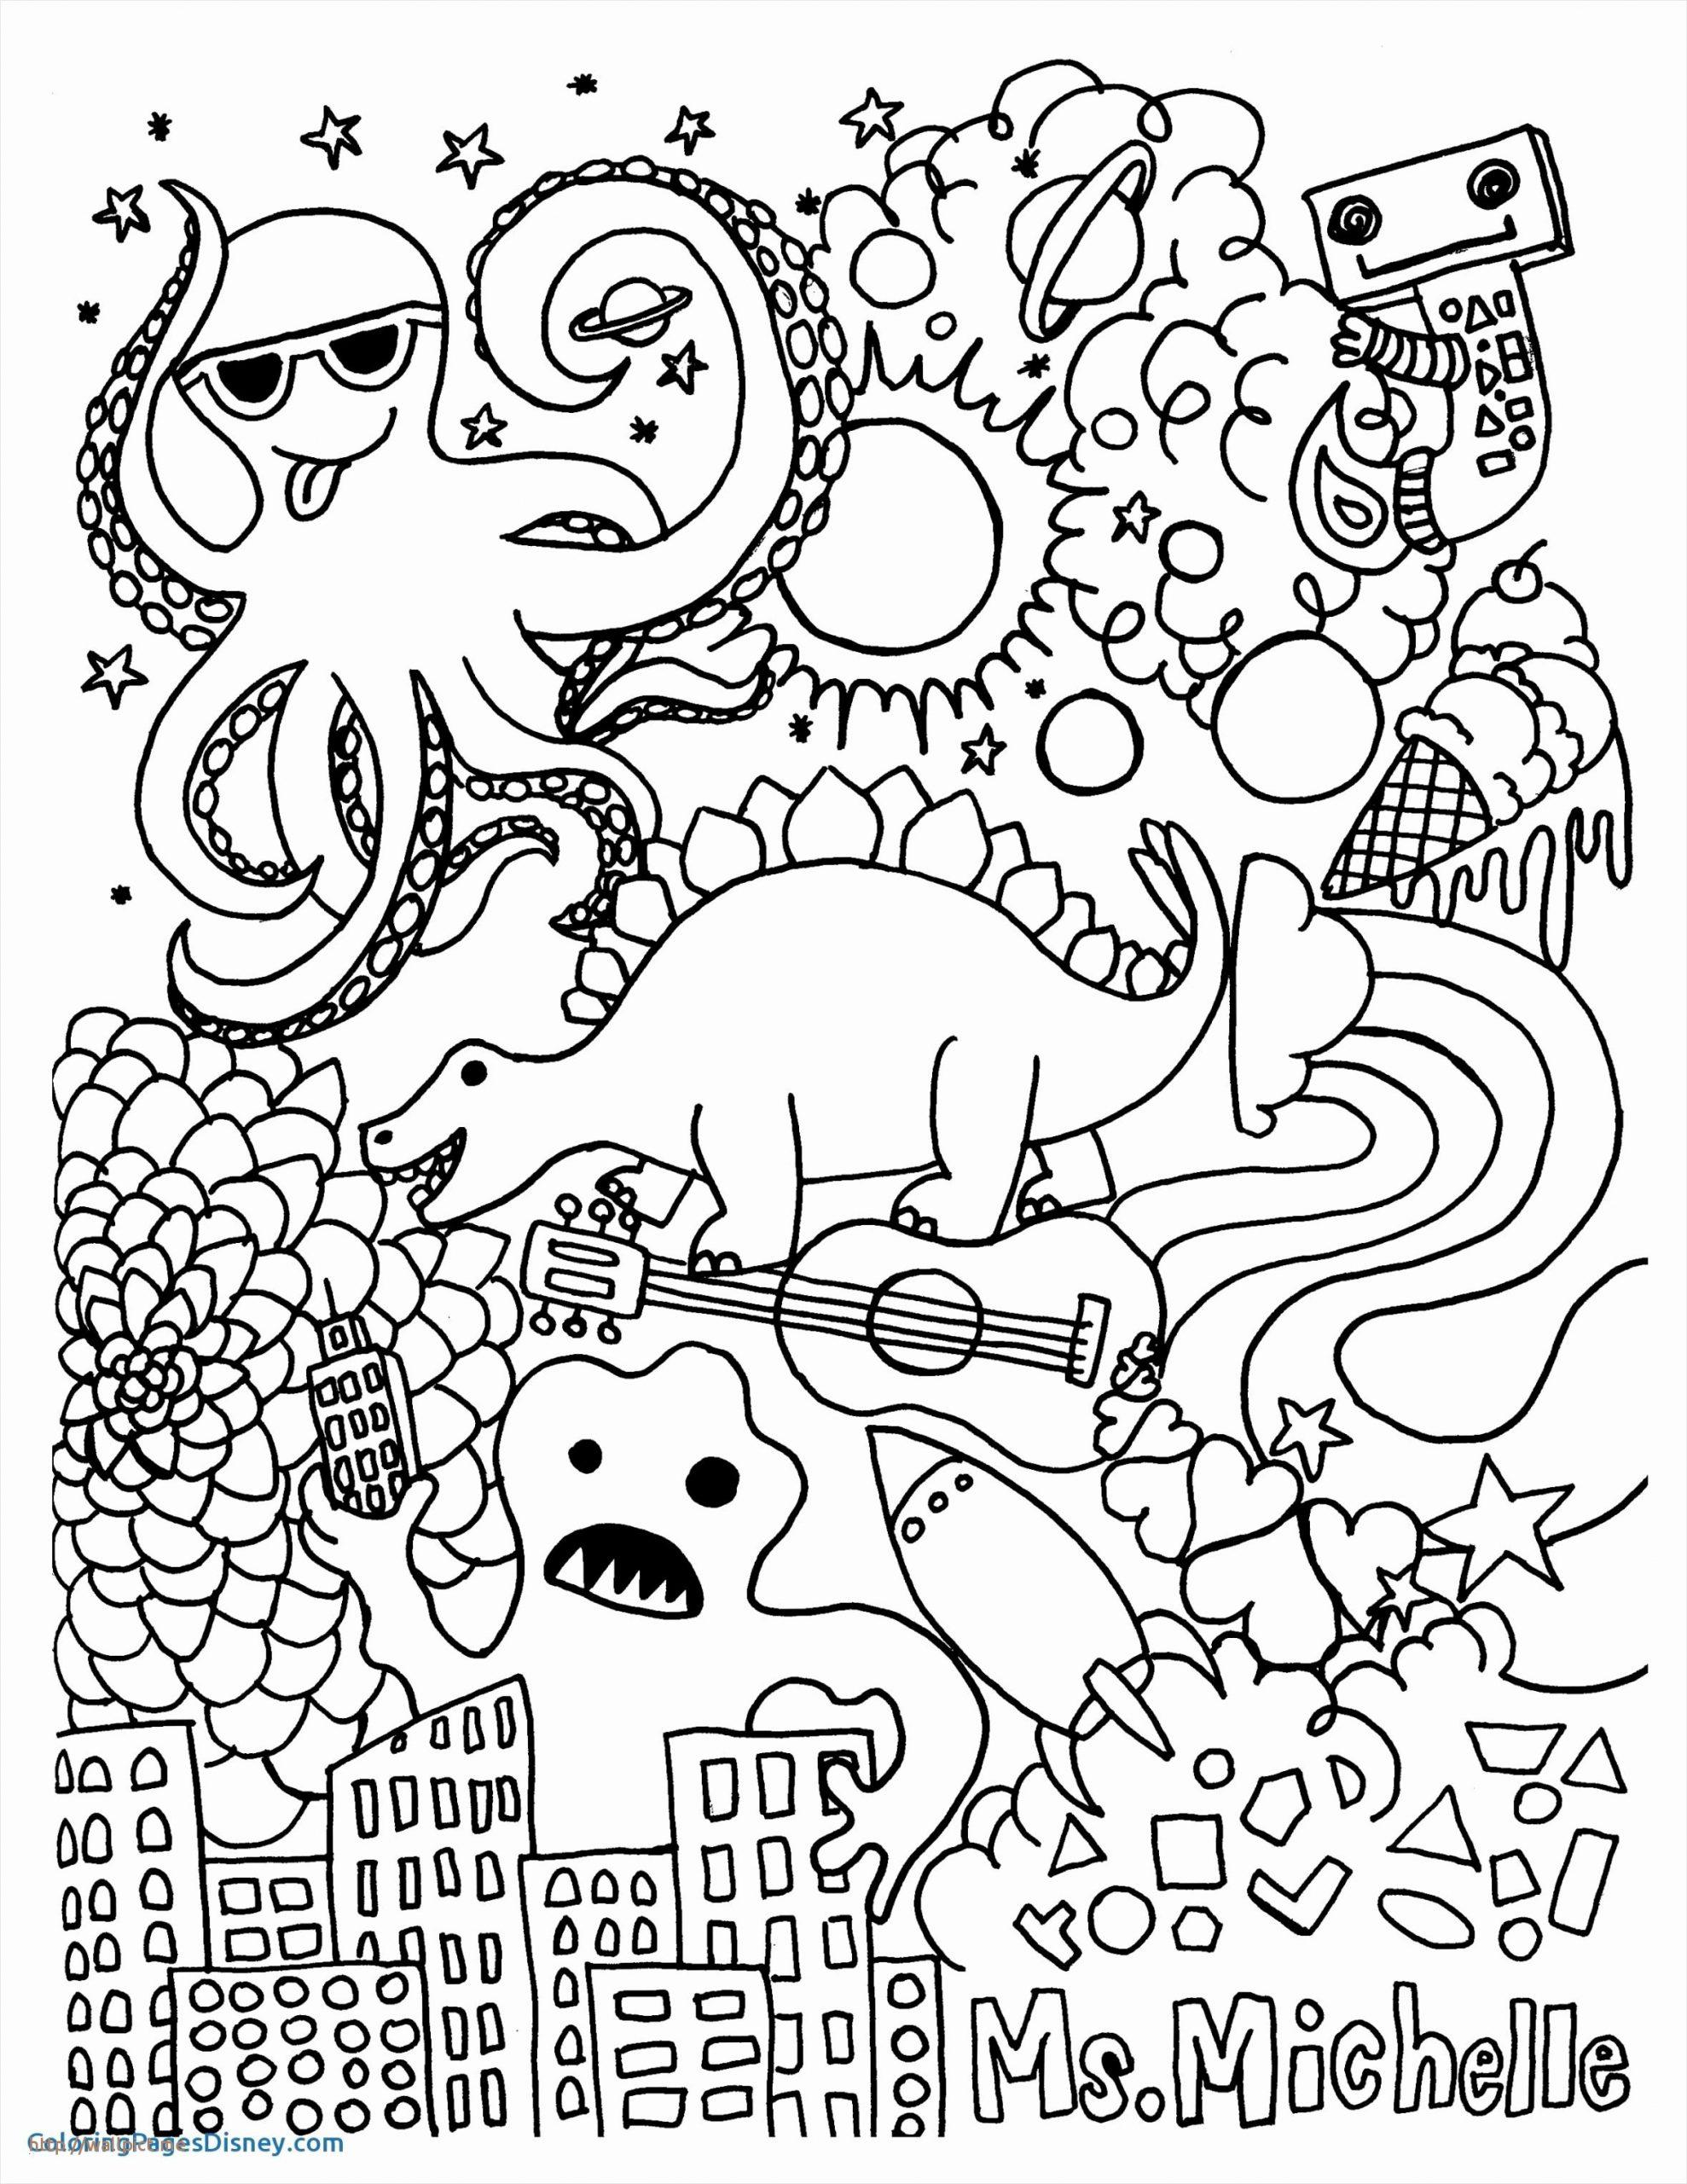 Best Of Coloriage De Mandala A Colorier Sur L Ordinateur dedans Faire Coloriage Gratuit Sur Ordinateur